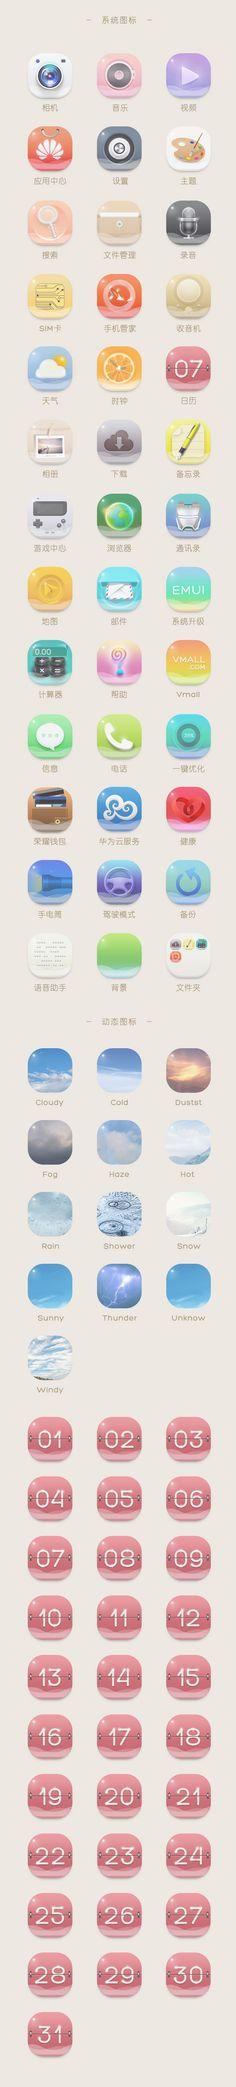 原创作品:Icon_华为手机主题'Ele...